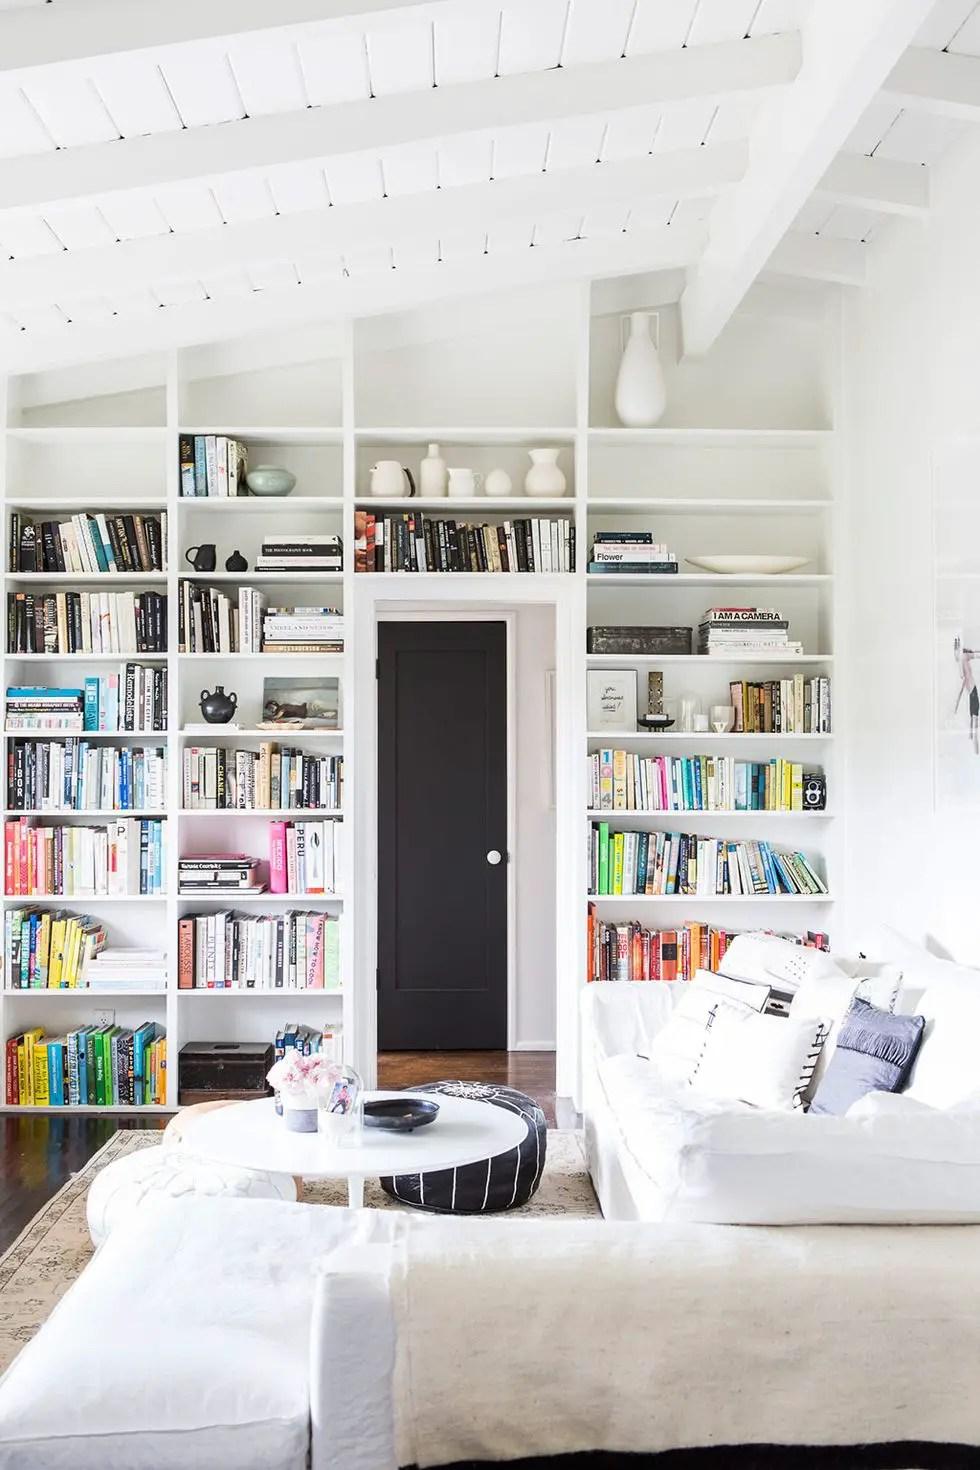 Cette maison à la décoration bohème réussie est celle d'une blogueuse